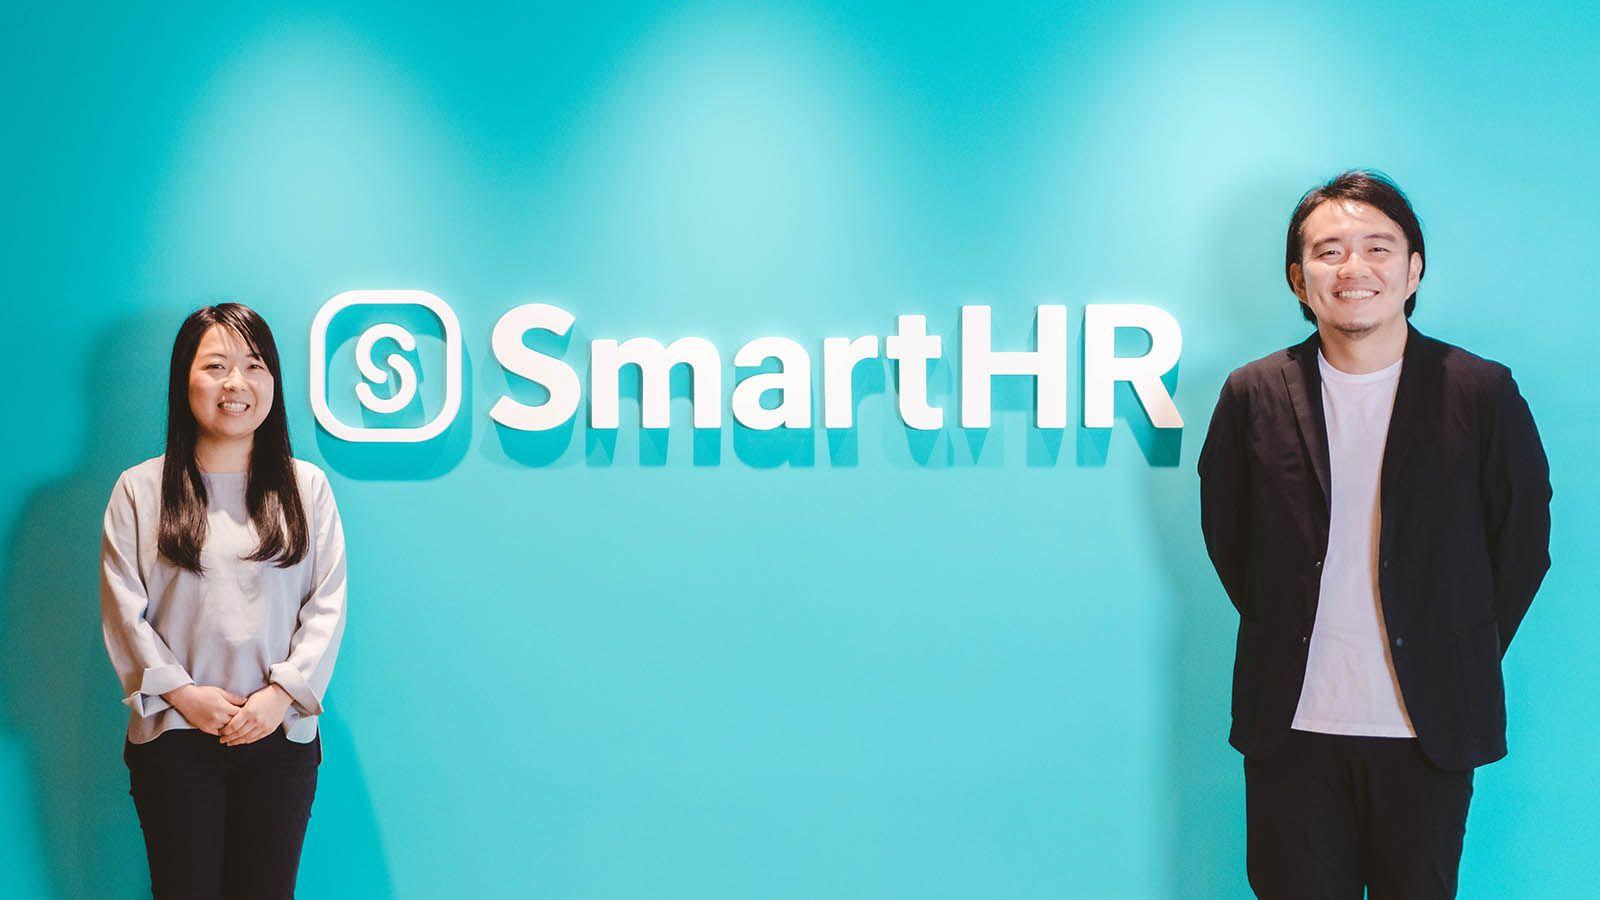 コロナの影響で、経理もフルリモートに。SmartHRがペーパーレス決算のためにやったこと